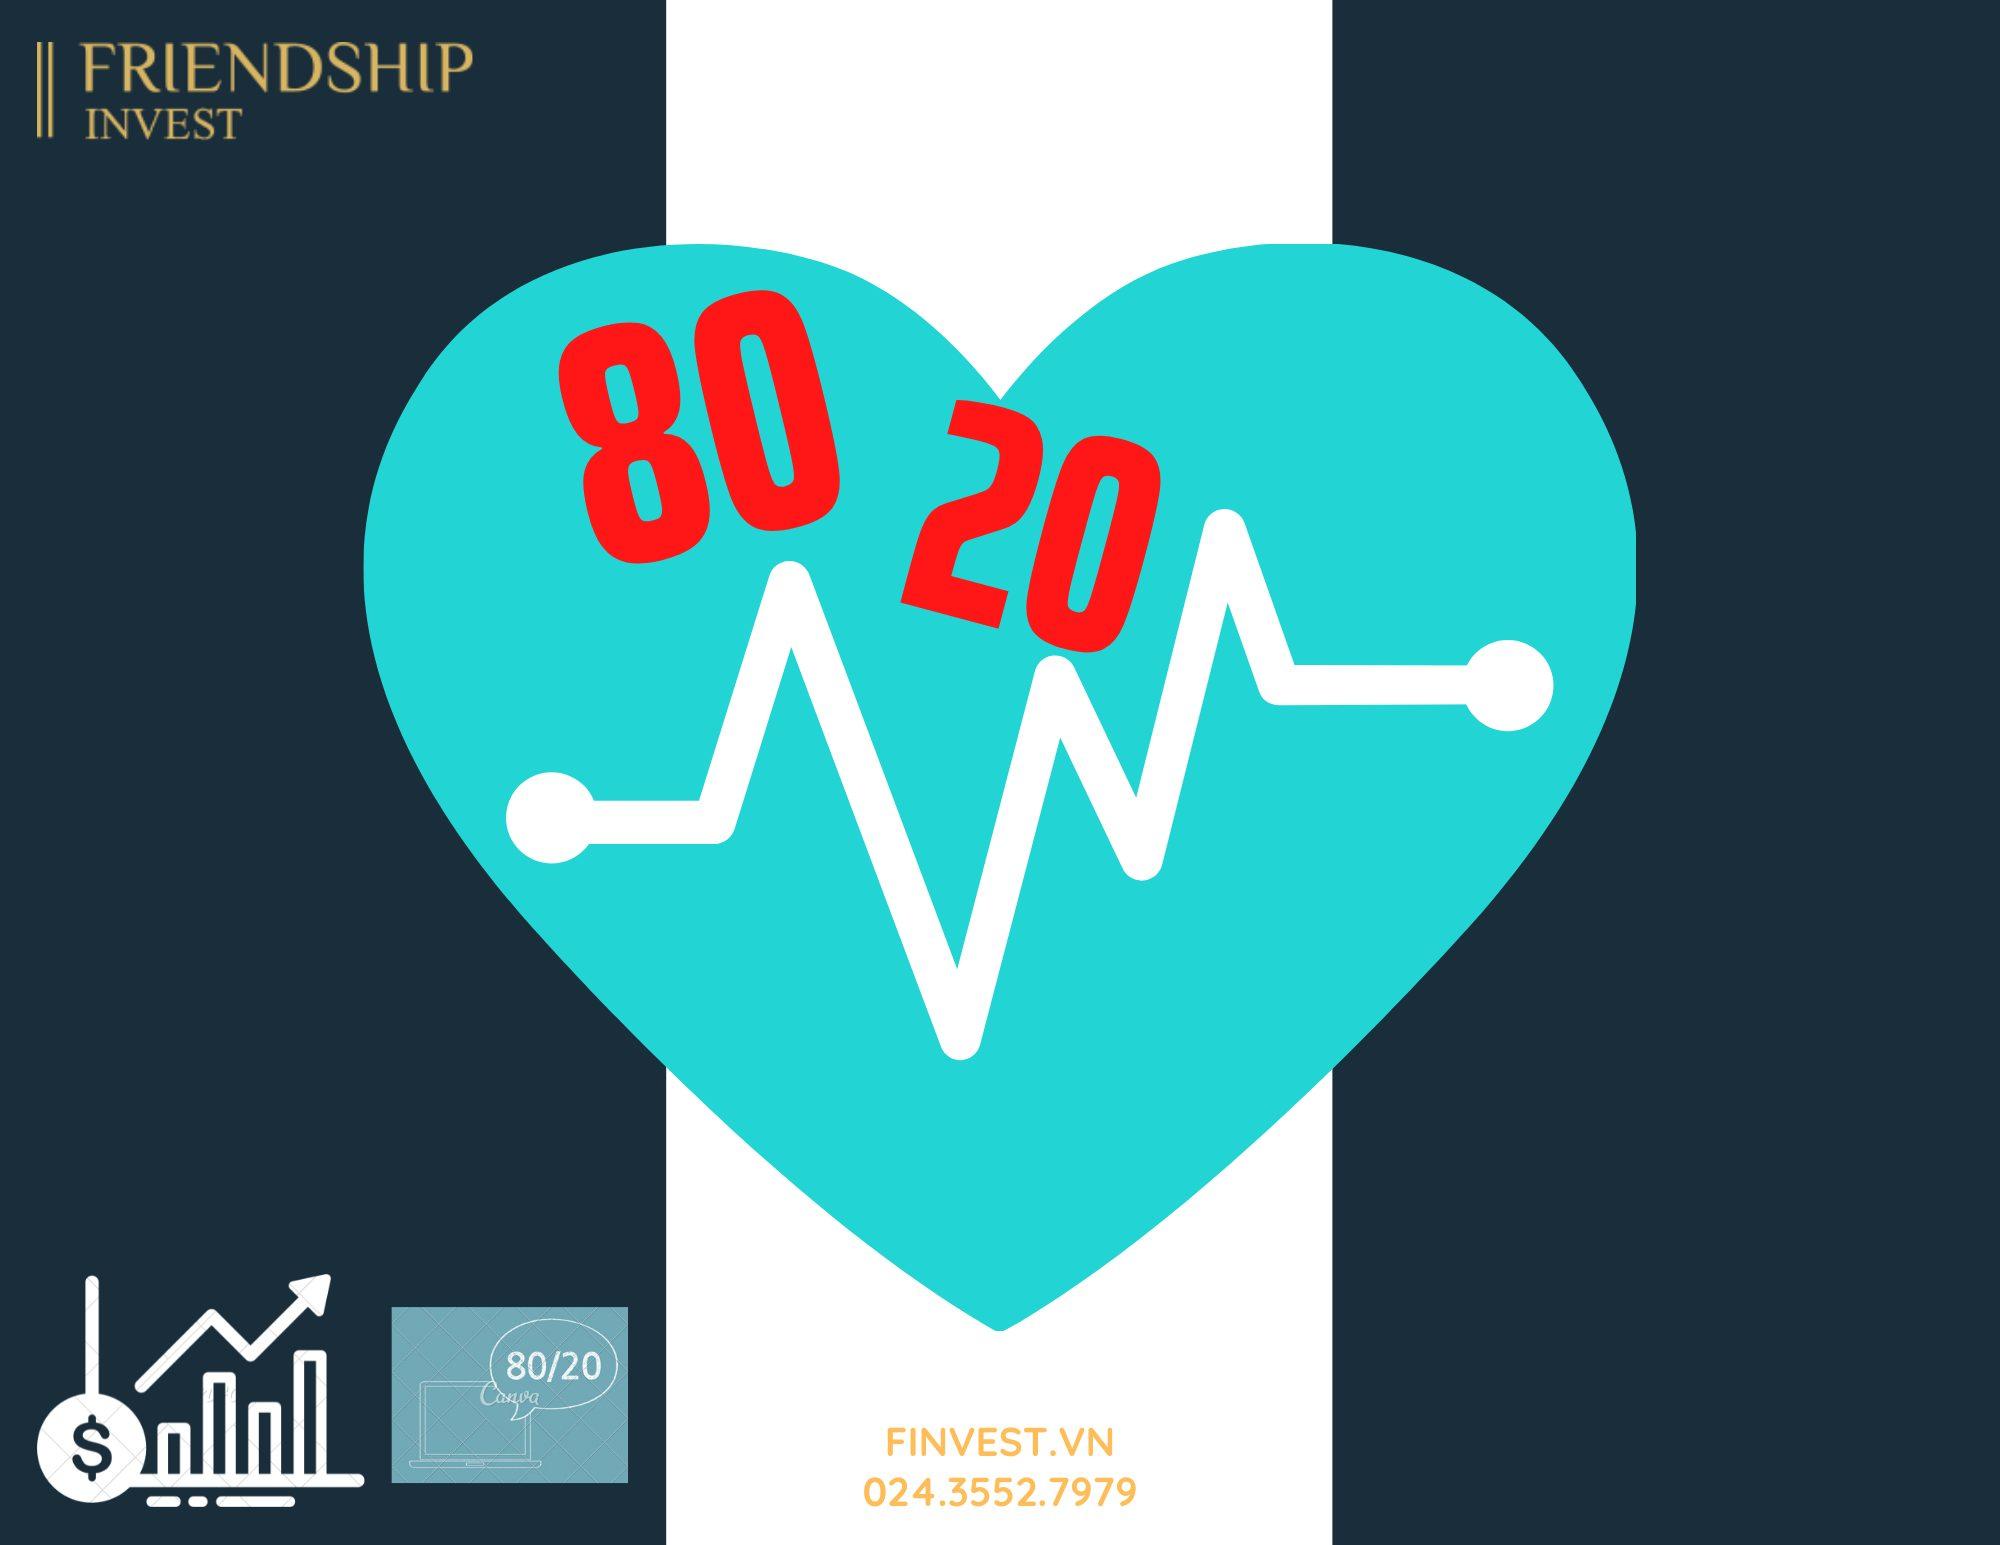 Nguyên lý 80/20 giúp tăng hiệu quả trong đầu tư